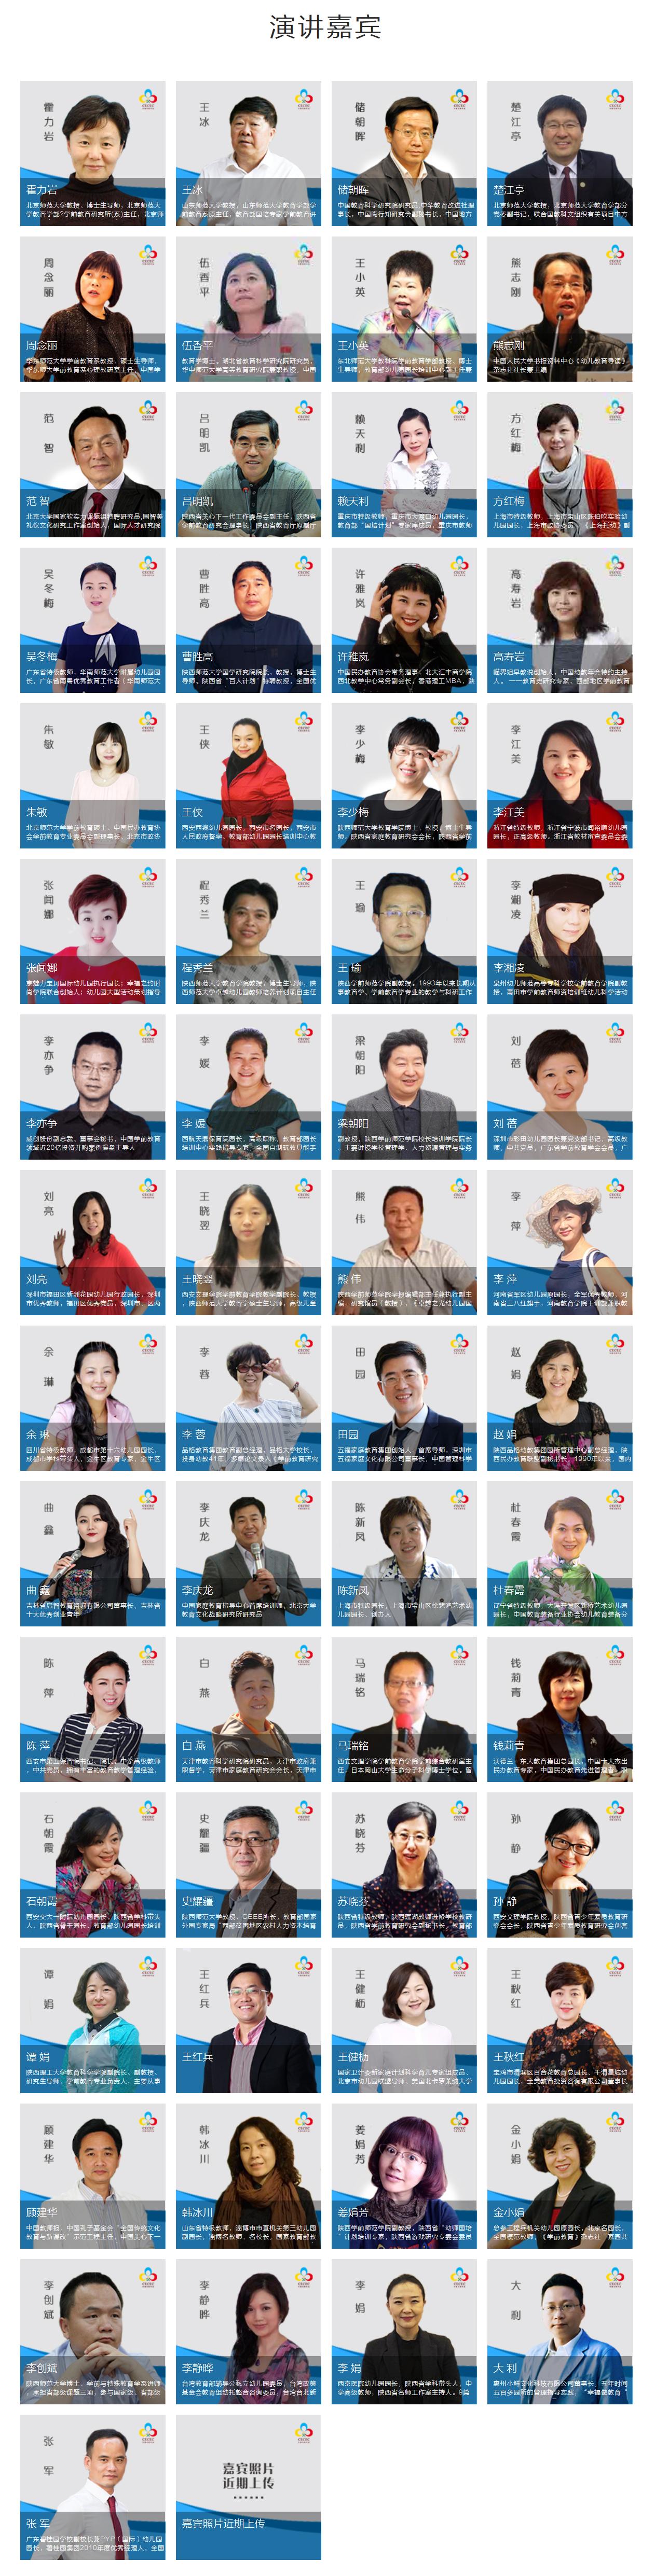 2018第五届中国幼教年会暨幼教资源博览会